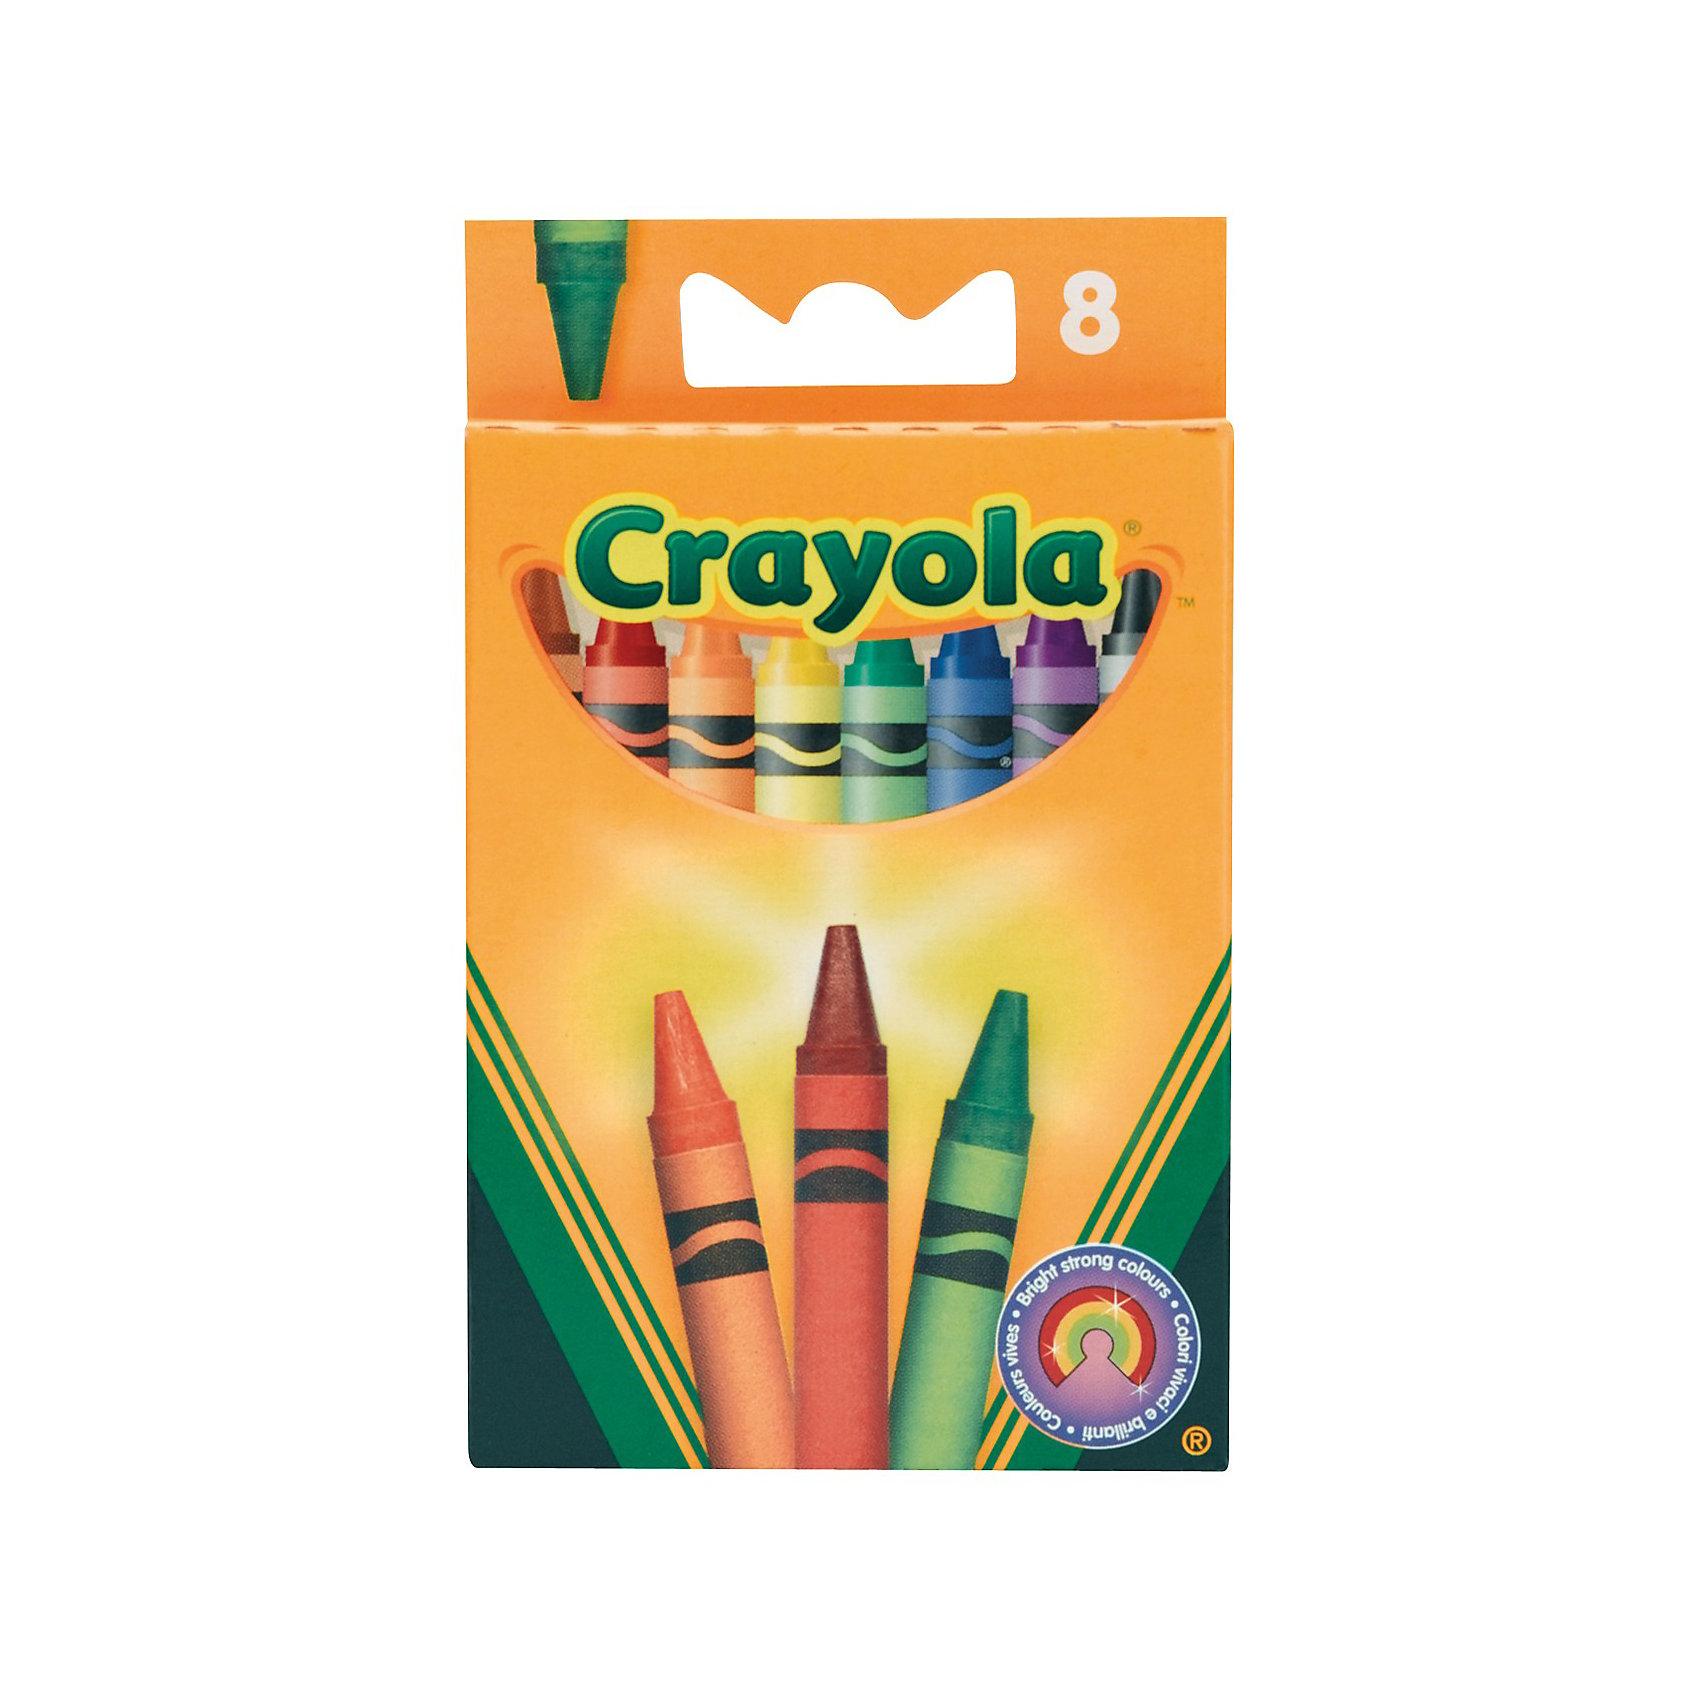 Восковые мелки, 8 шт., CrayolaВосковые мелки 8 ярких цветов созданы специально для того, чтобы Ваш малыш мог почувствовать себя маленьким художником. лагодаря своему размеру мелки прекрасно подходят для самых маленьких ручек, их удобно и безопасно держать.<br><br>Яркие цвета сразу же привлекут внимание ребёнка. Мелки дважды обернуты в бумагу для придания прочности и во избежание окрашивания пальцев, хорошо скользят по бумаге, а цвет хорошо ложится. Мелки не осыпаются и не оставляют грязи.<br><br>Позвольте Вашему малышу нарисовать свои первые картинки с мелками от Crayola (Крайола).<br><br>Восковые мелки от Крайола можно купить в нашем интернет-магазине.<br><br>Ширина мм: 117<br>Глубина мм: 10<br>Высота мм: 72<br>Вес г: 68<br>Возраст от месяцев: 36<br>Возраст до месяцев: 120<br>Пол: Унисекс<br>Возраст: Детский<br>SKU: 2129333